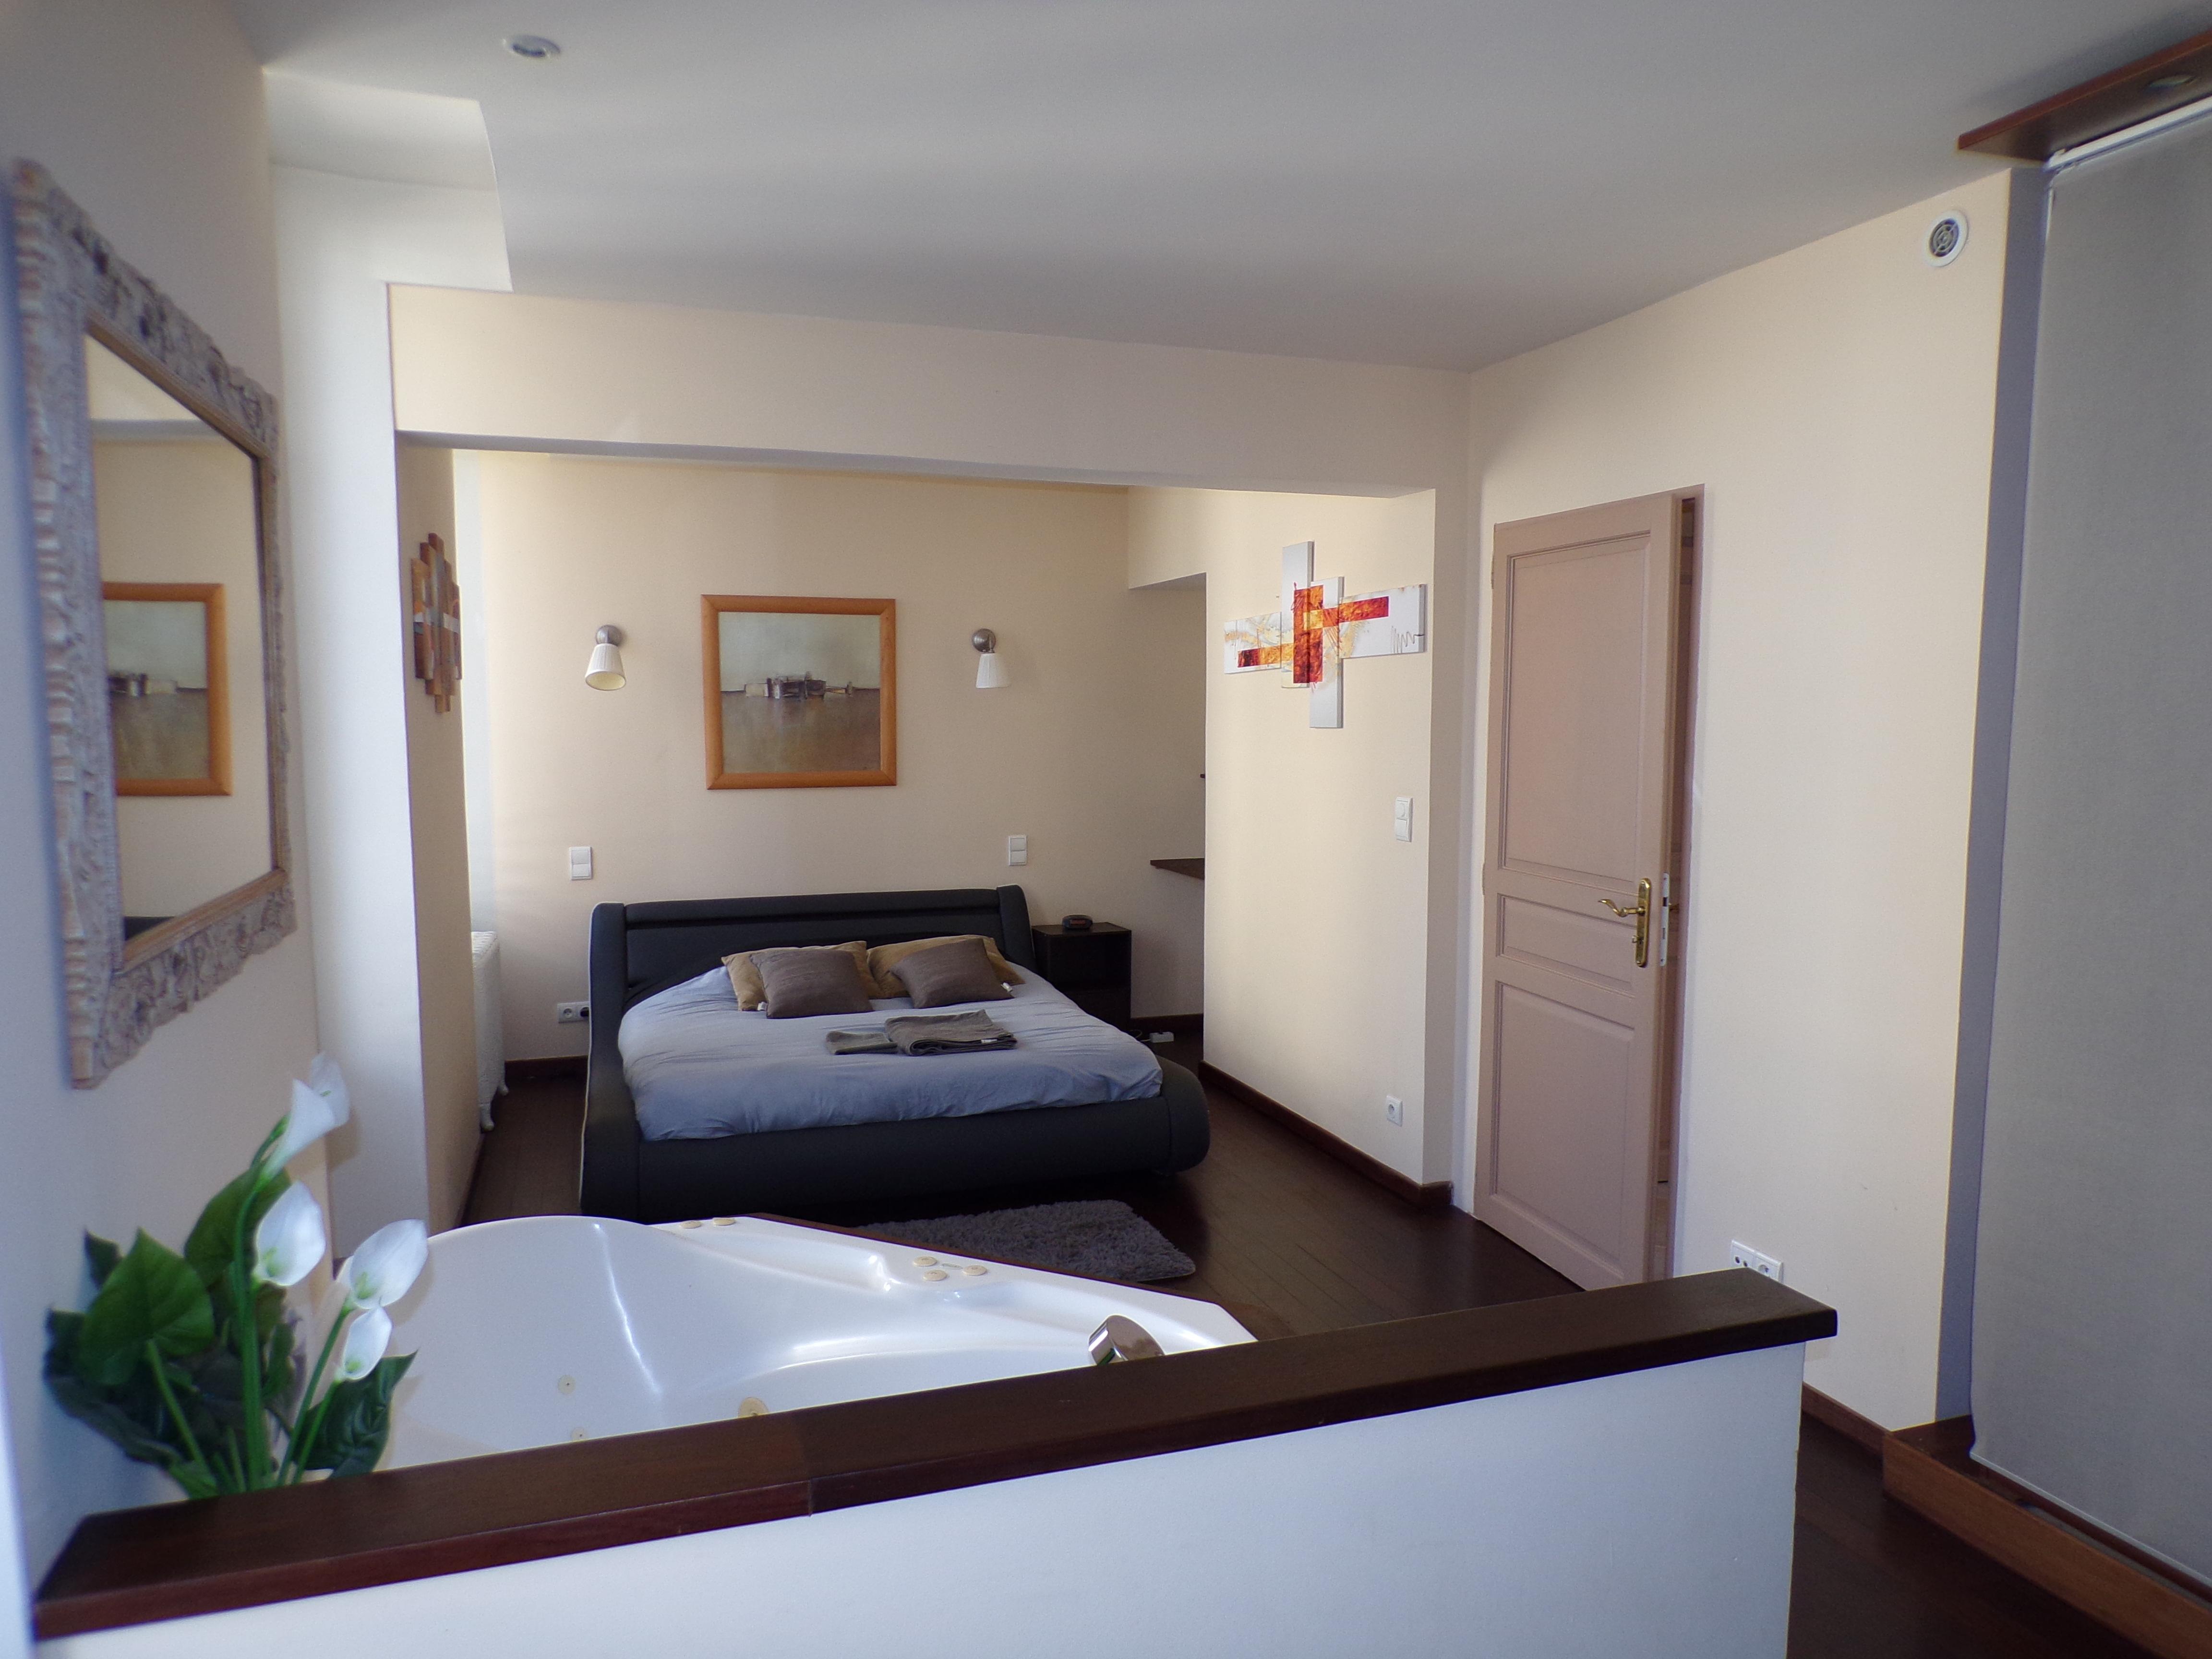 VILLA SOLANA BEACH, Hôtel 4 étoiles à Cannes (Côte d'Azur)